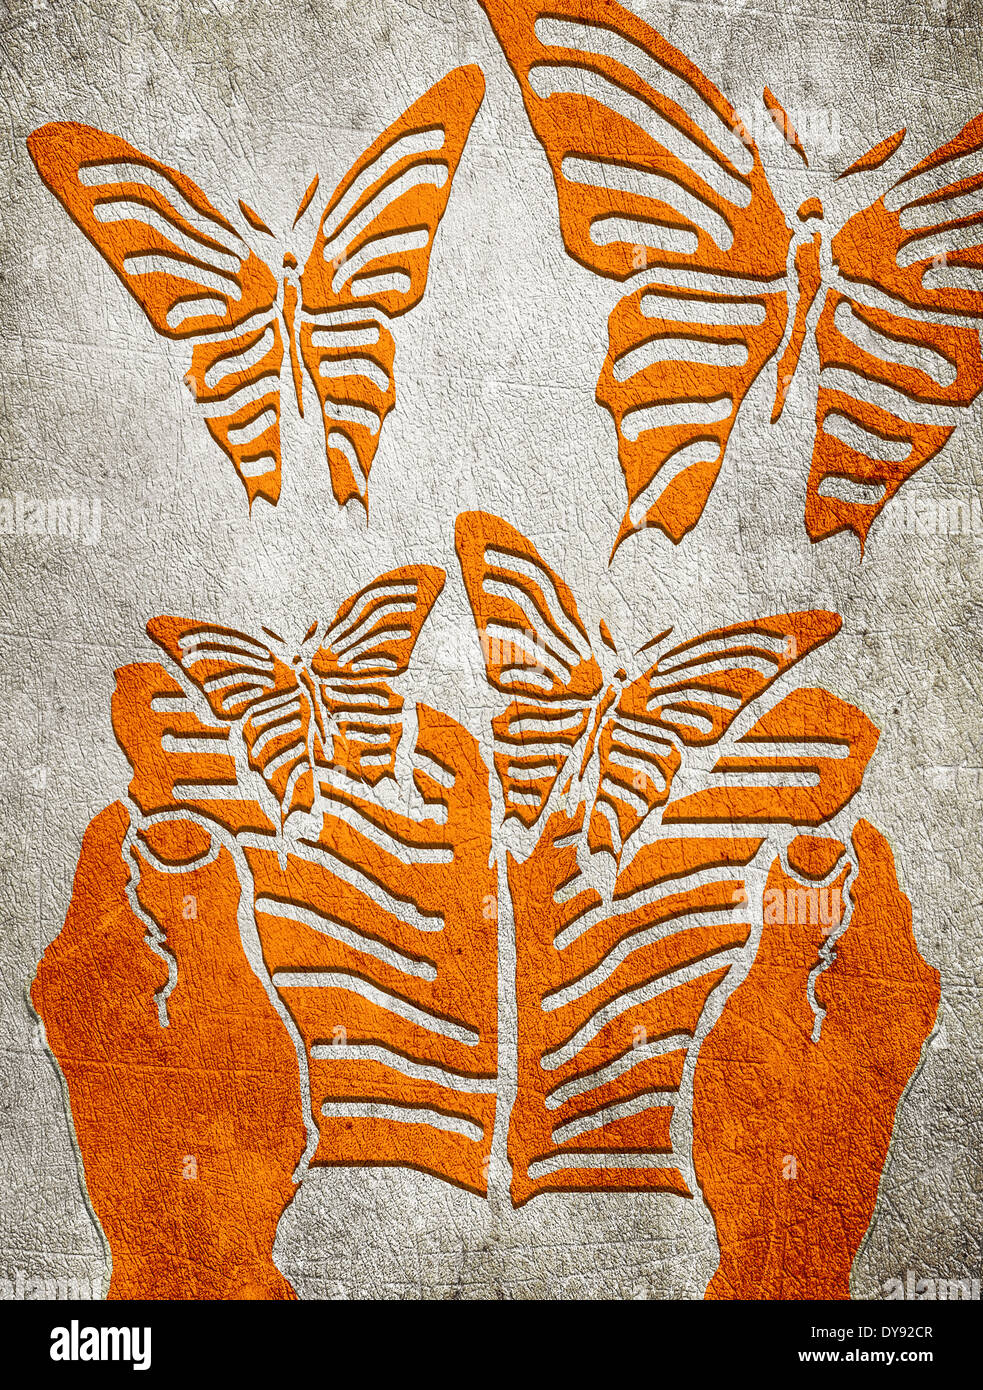 Les mains à l'ouvrage et papillon Photo Stock